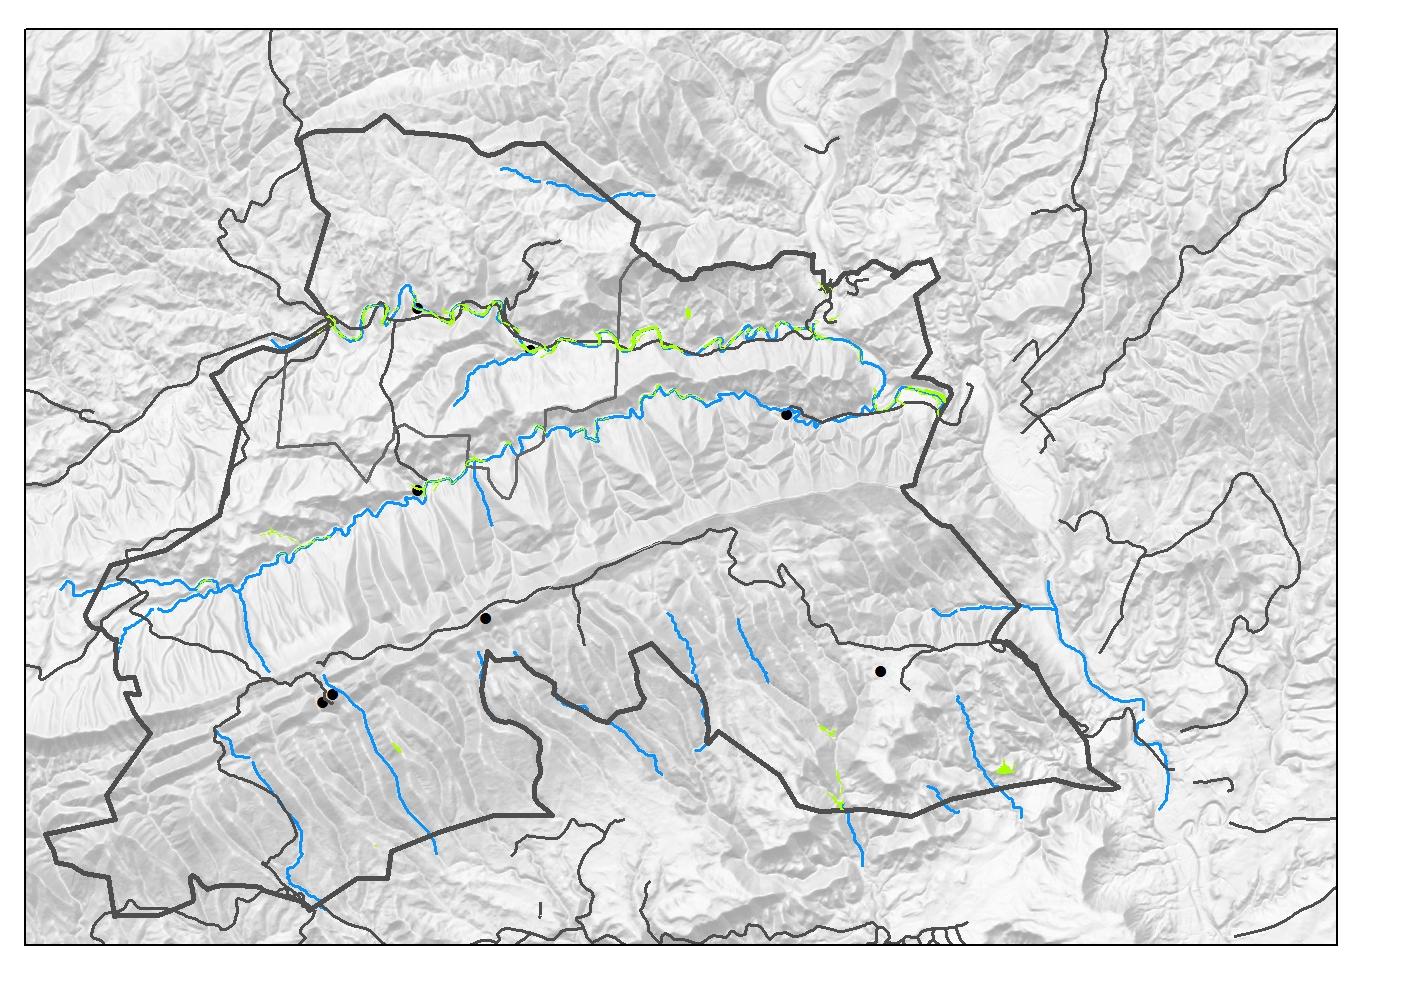 Distribució dels boscos de ribera a Sant Mateu de Bages